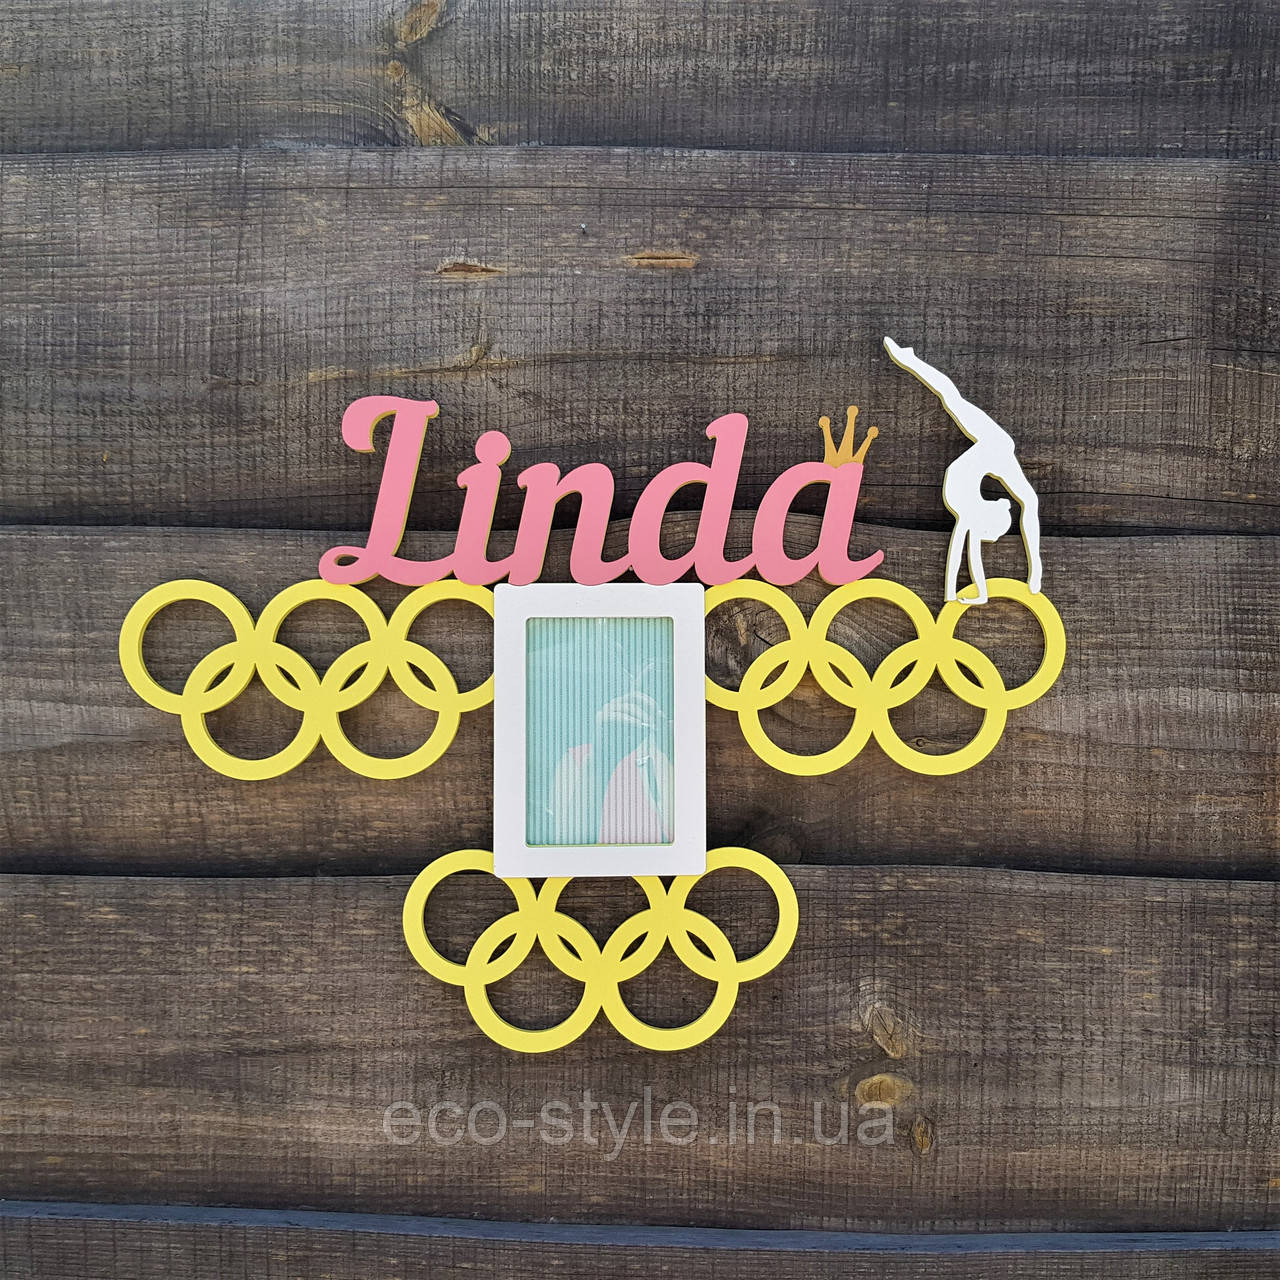 Медальница для гимнастики. Холлдер для медалей для гимнастики